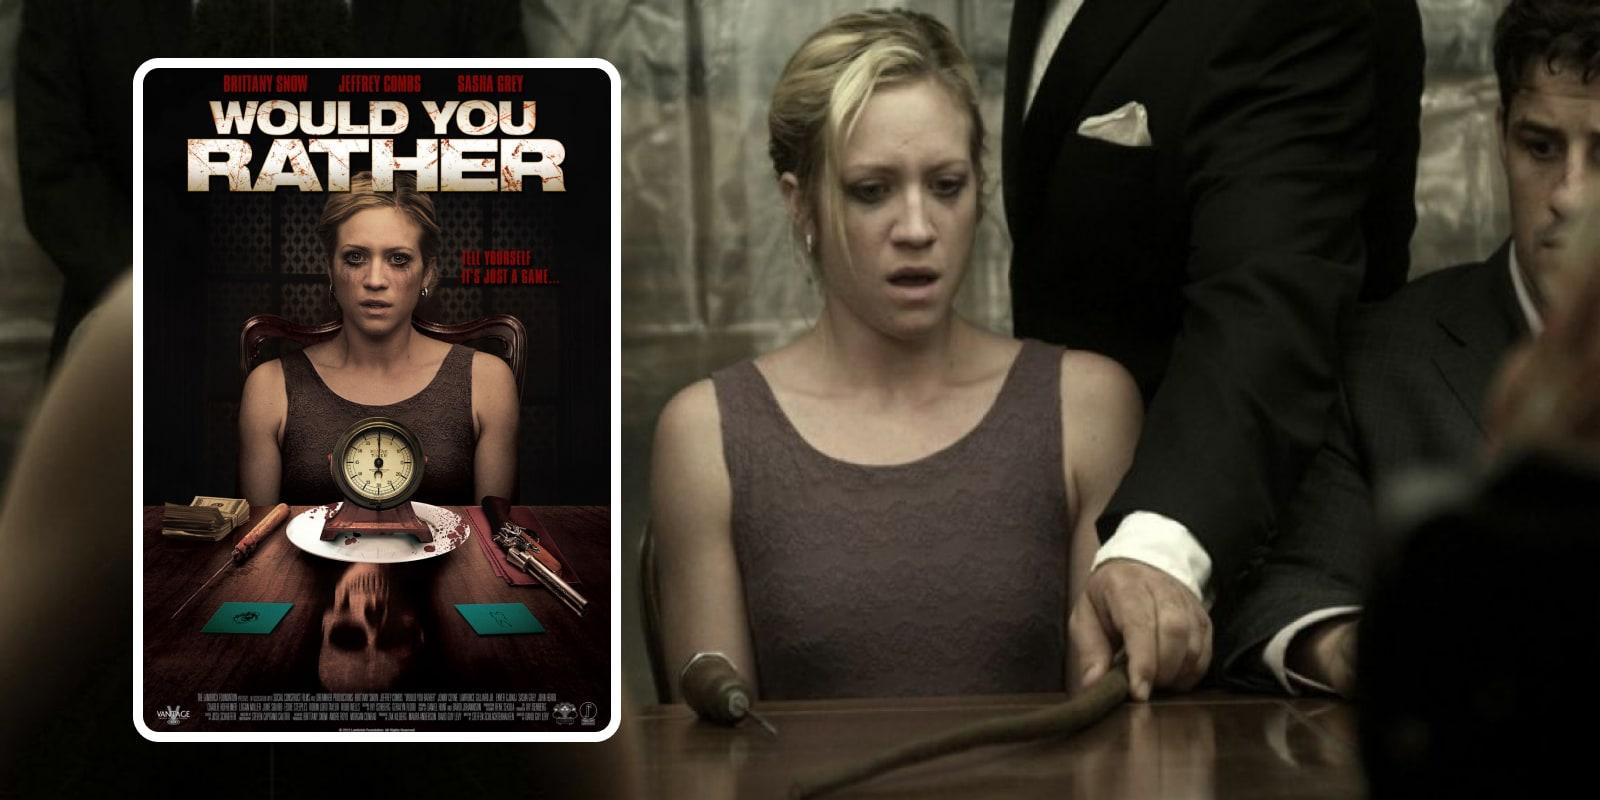 Что бы вы сделали… (2012) Would You Rather